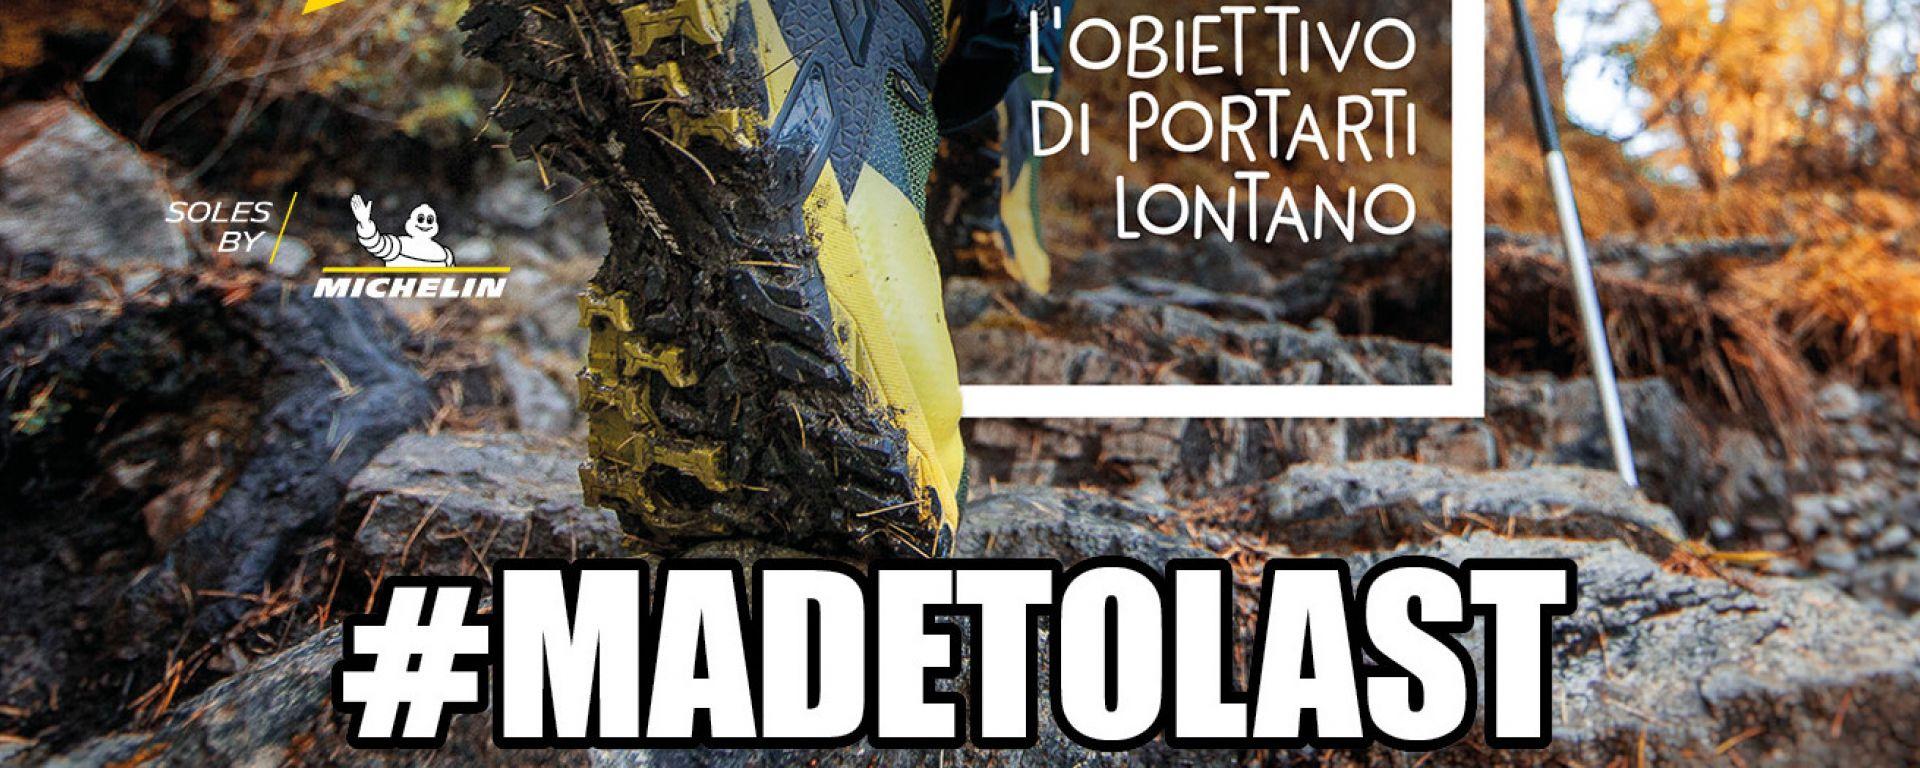 Michelin #madetolast, progetto sul valore nel tempo